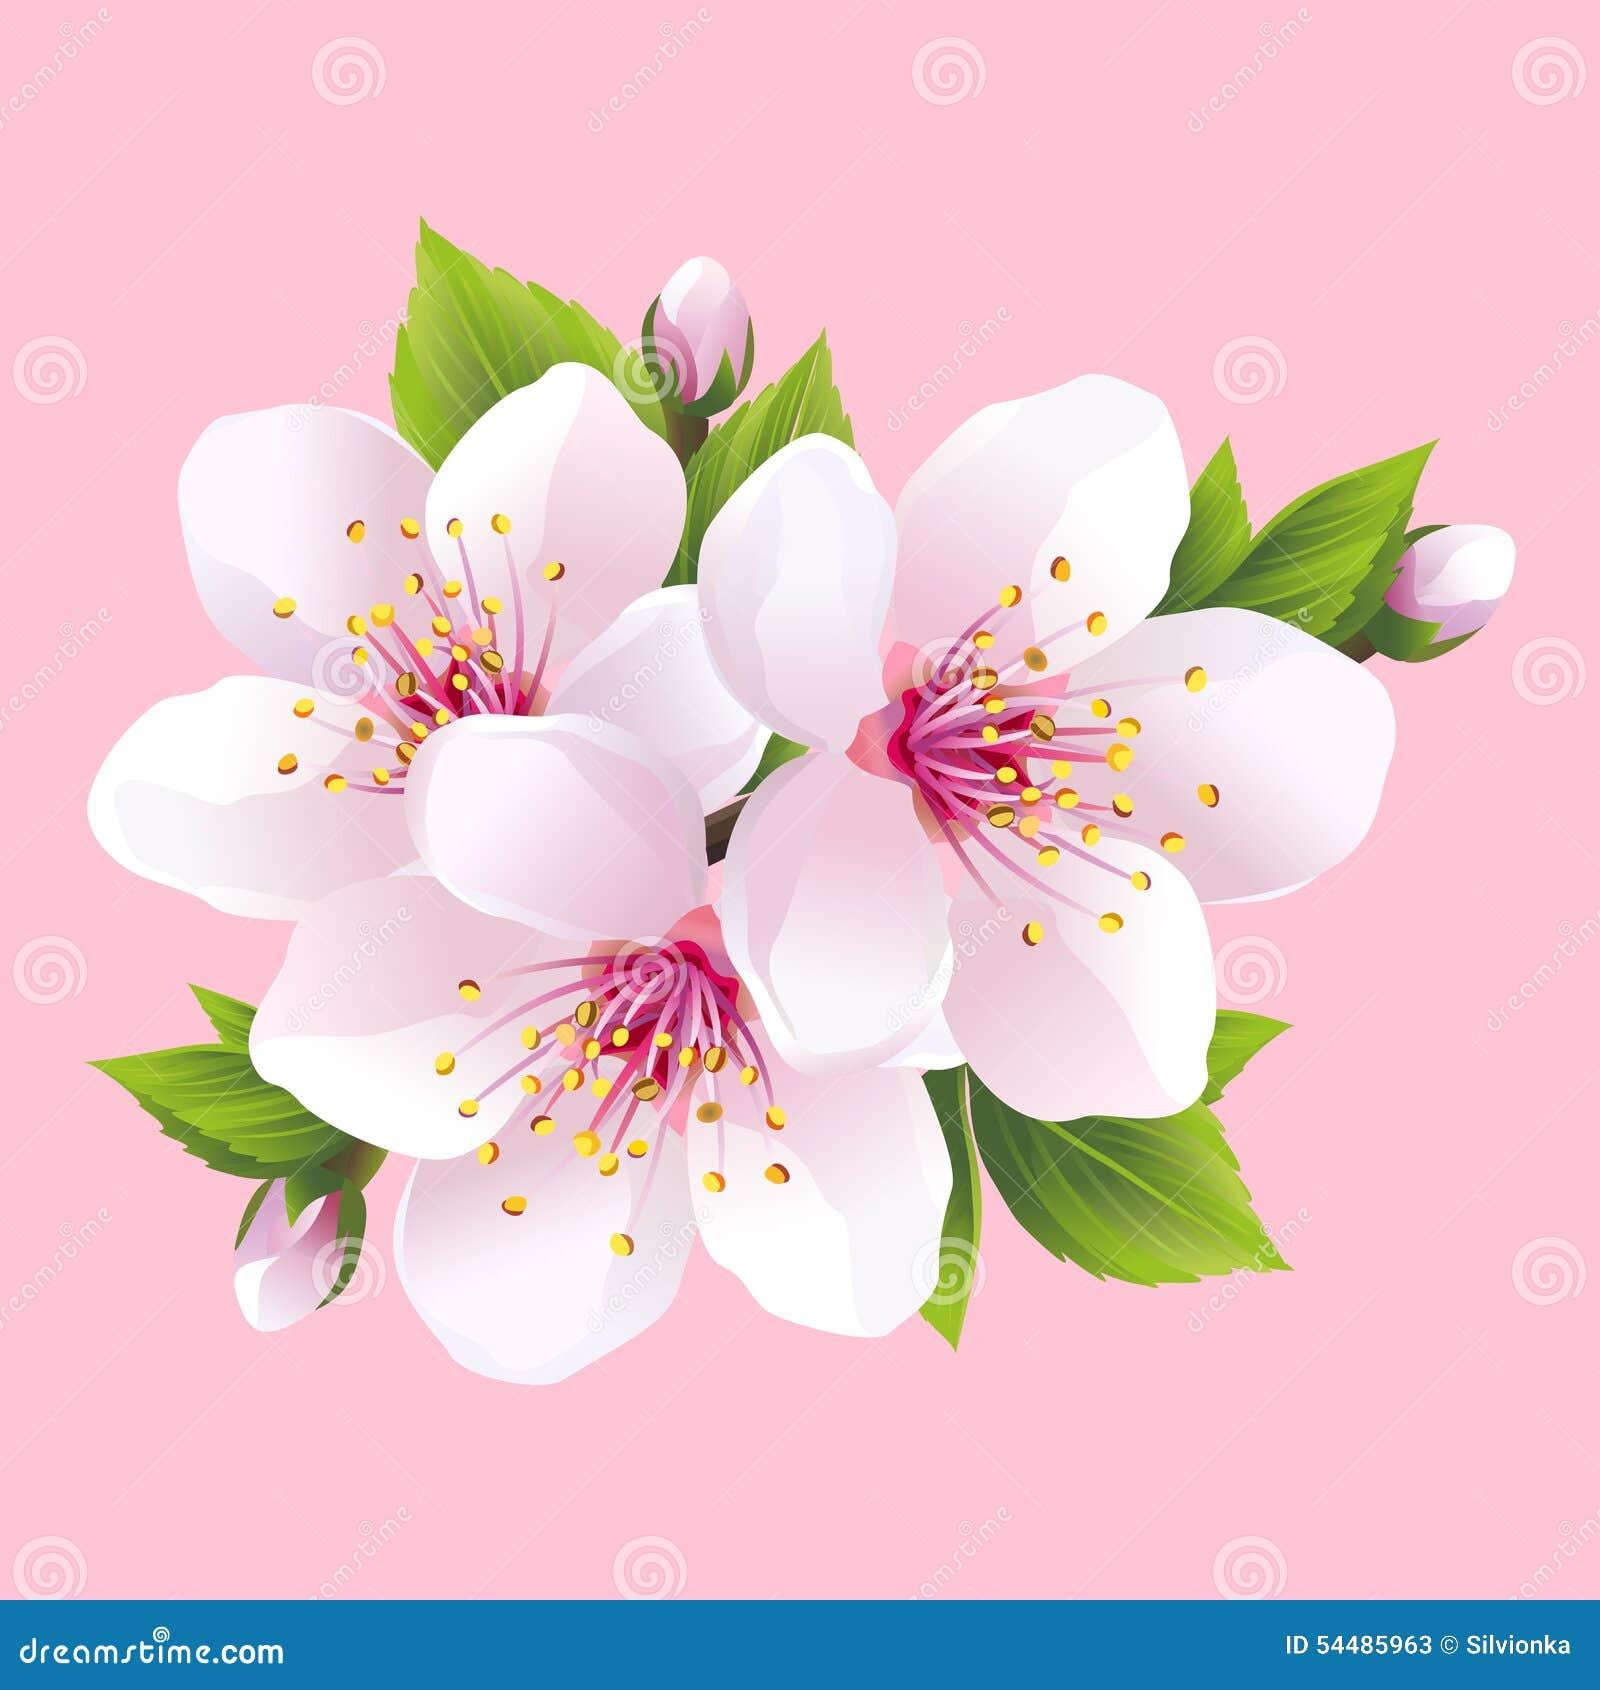 Branche de sakura de floraison blanc cerisier japonais illustration de vect - Papier peint fleur de cerisier japonais ...